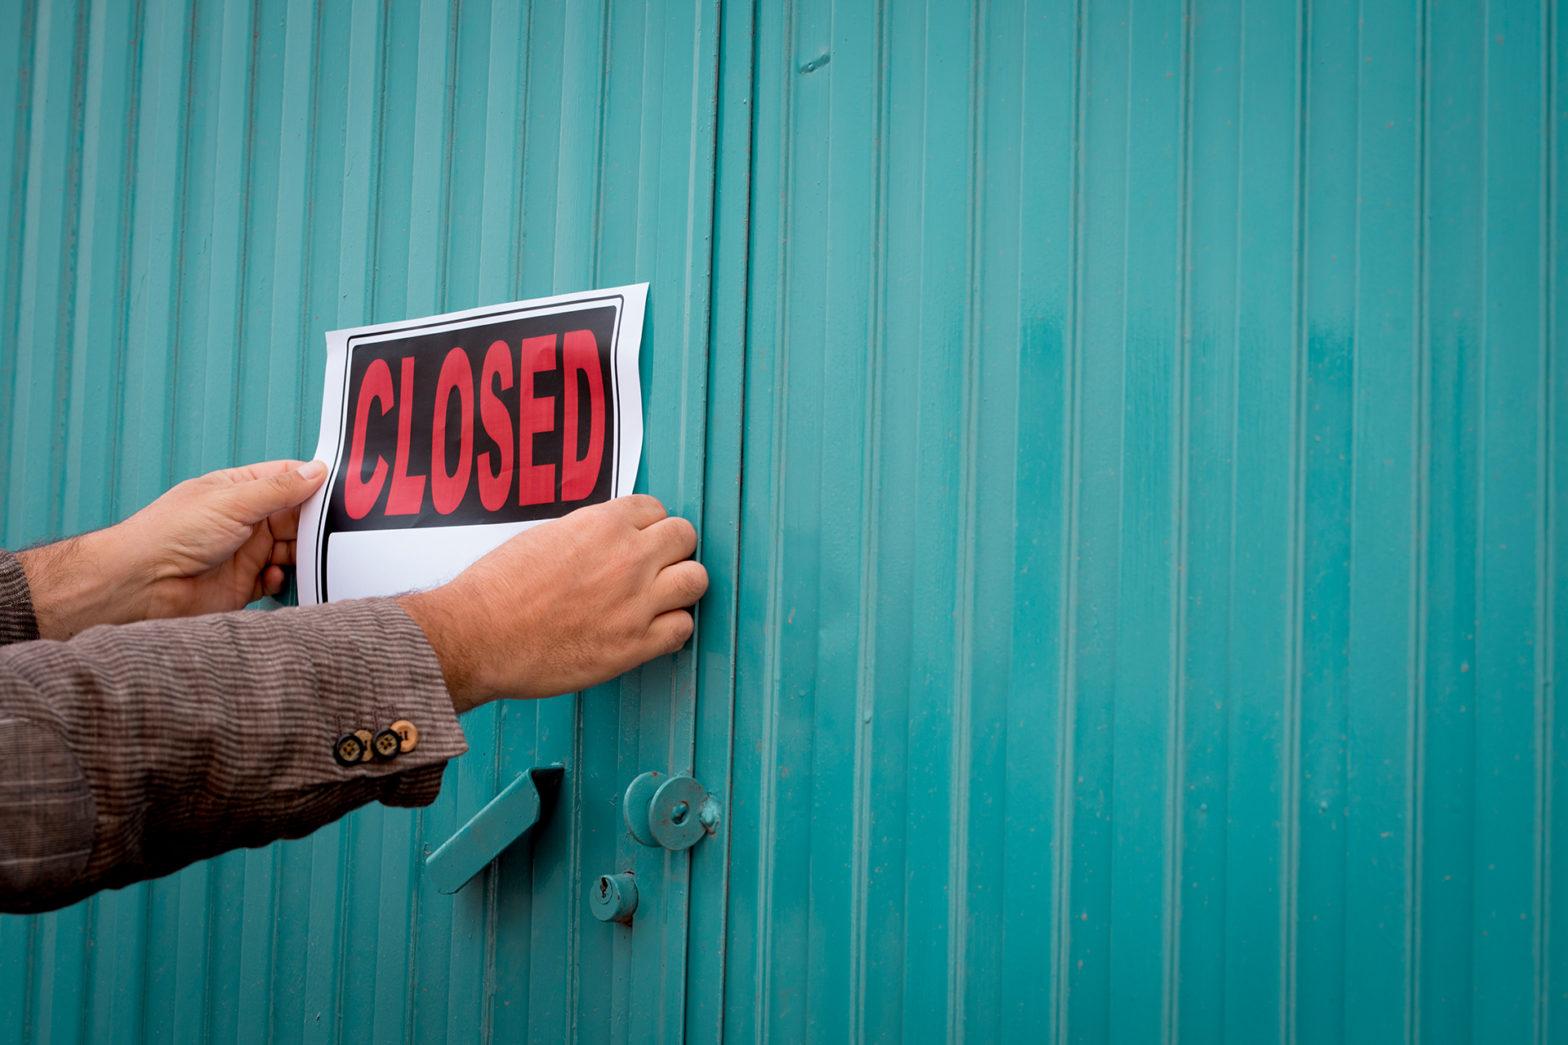 Foto: Lizengo stellt Insolvenzantrag, Onlineshop geschlossen. | Quelle: Lizenziert via Envato Elemeents für Gebrauchtesoftware.de